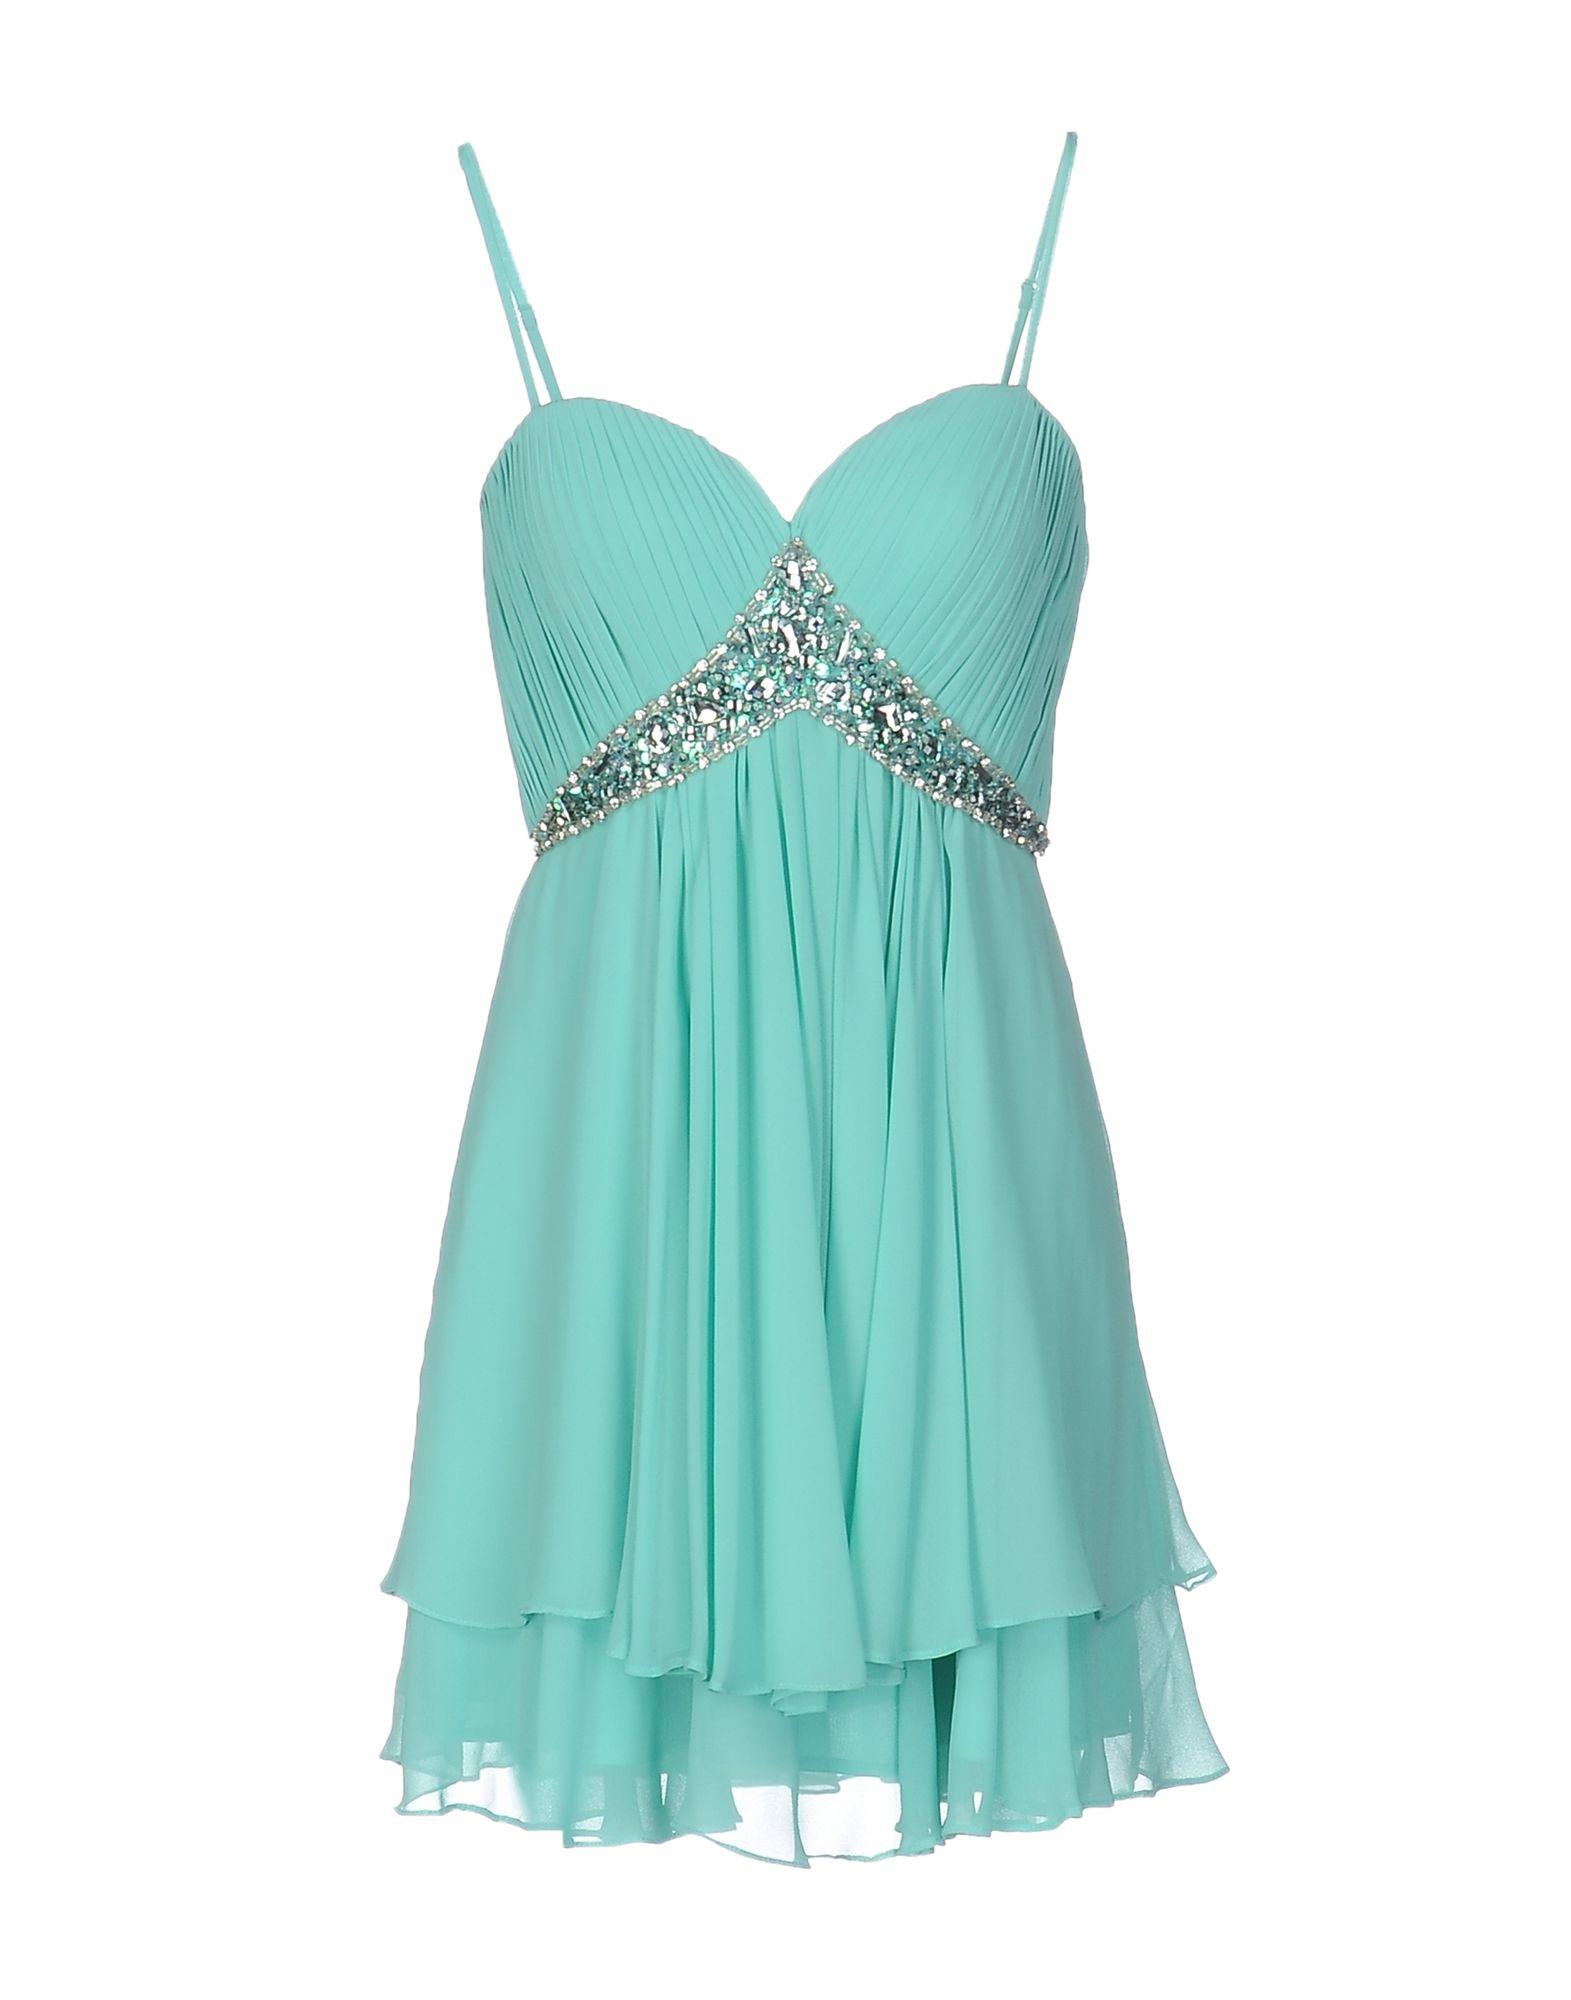 DRESSES - Long dresses FEDERICA GRECO pOV0QcB